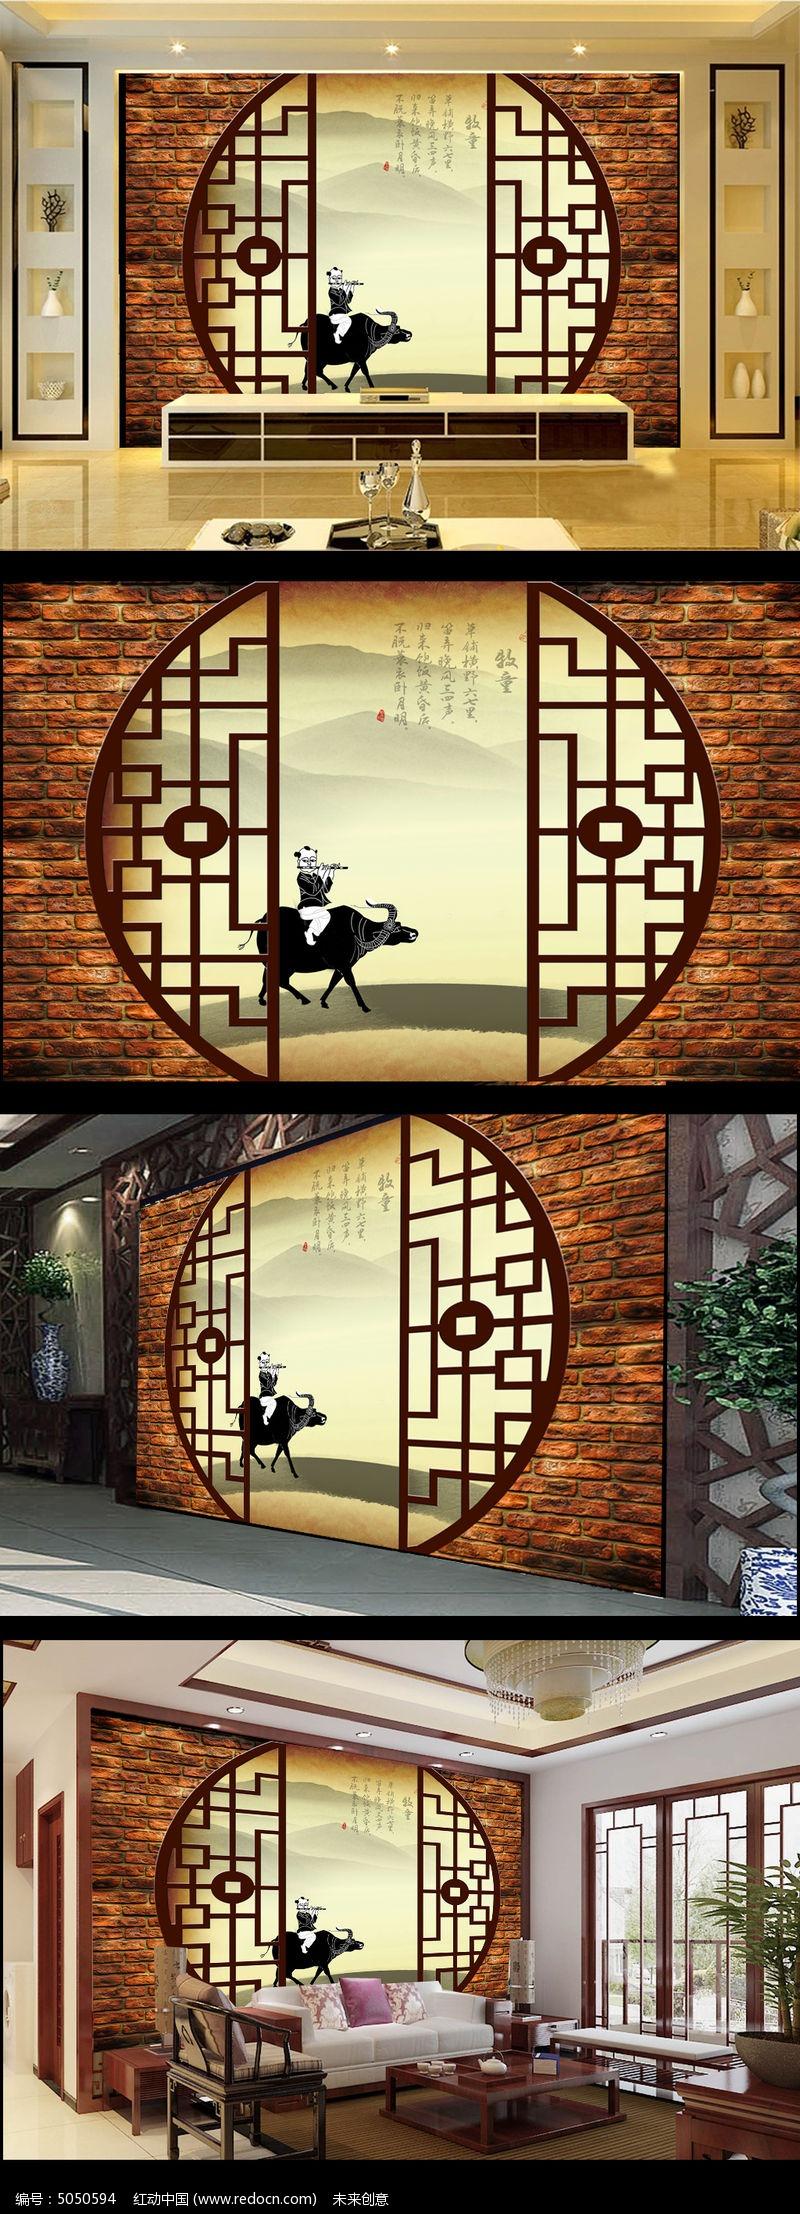 古典中式格栅牧童骑牛图水墨画电视背景墙图片